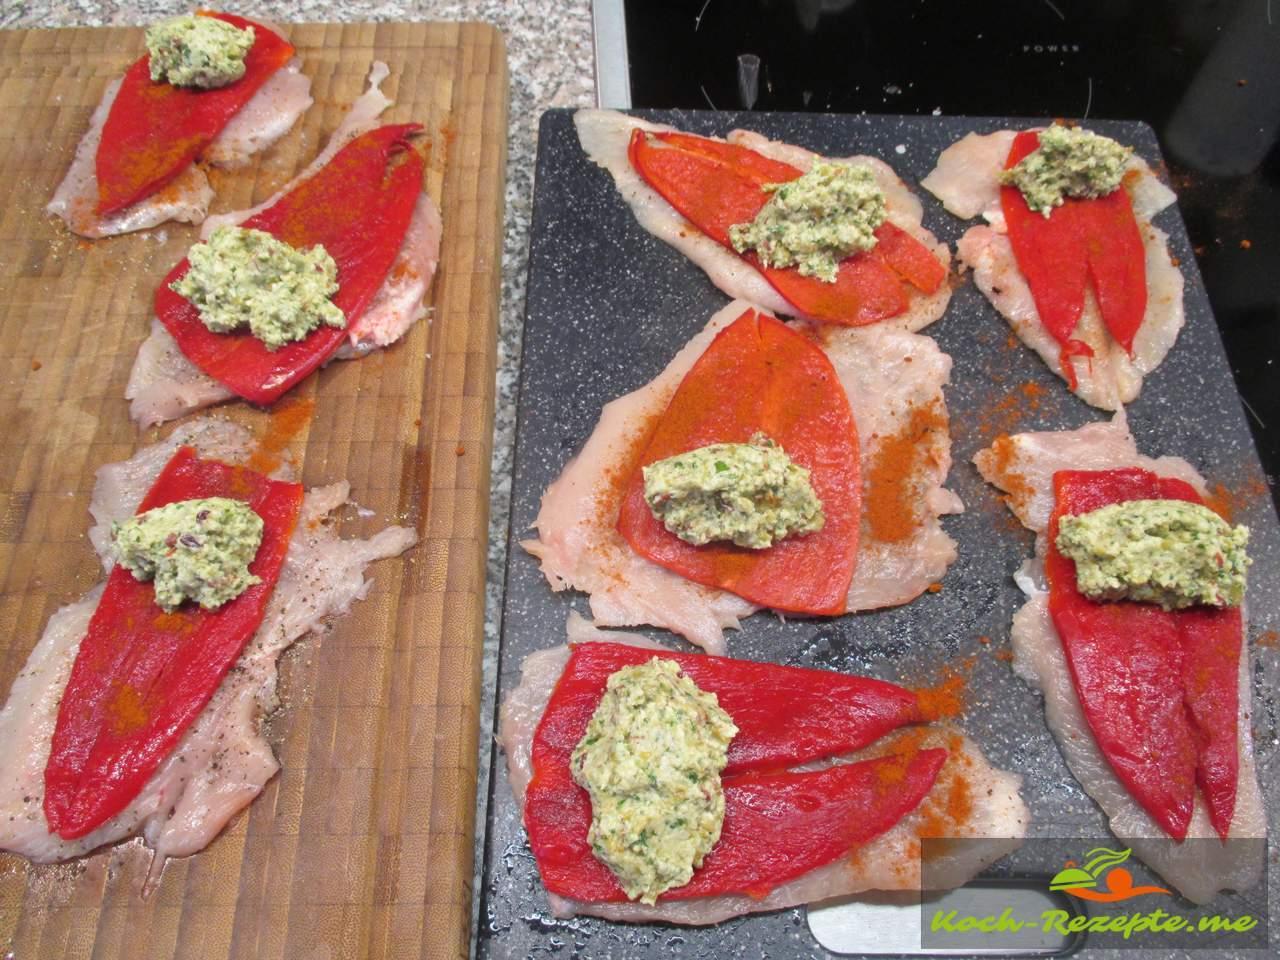 Die Füllung Löffelweise auf die Paprika füllen